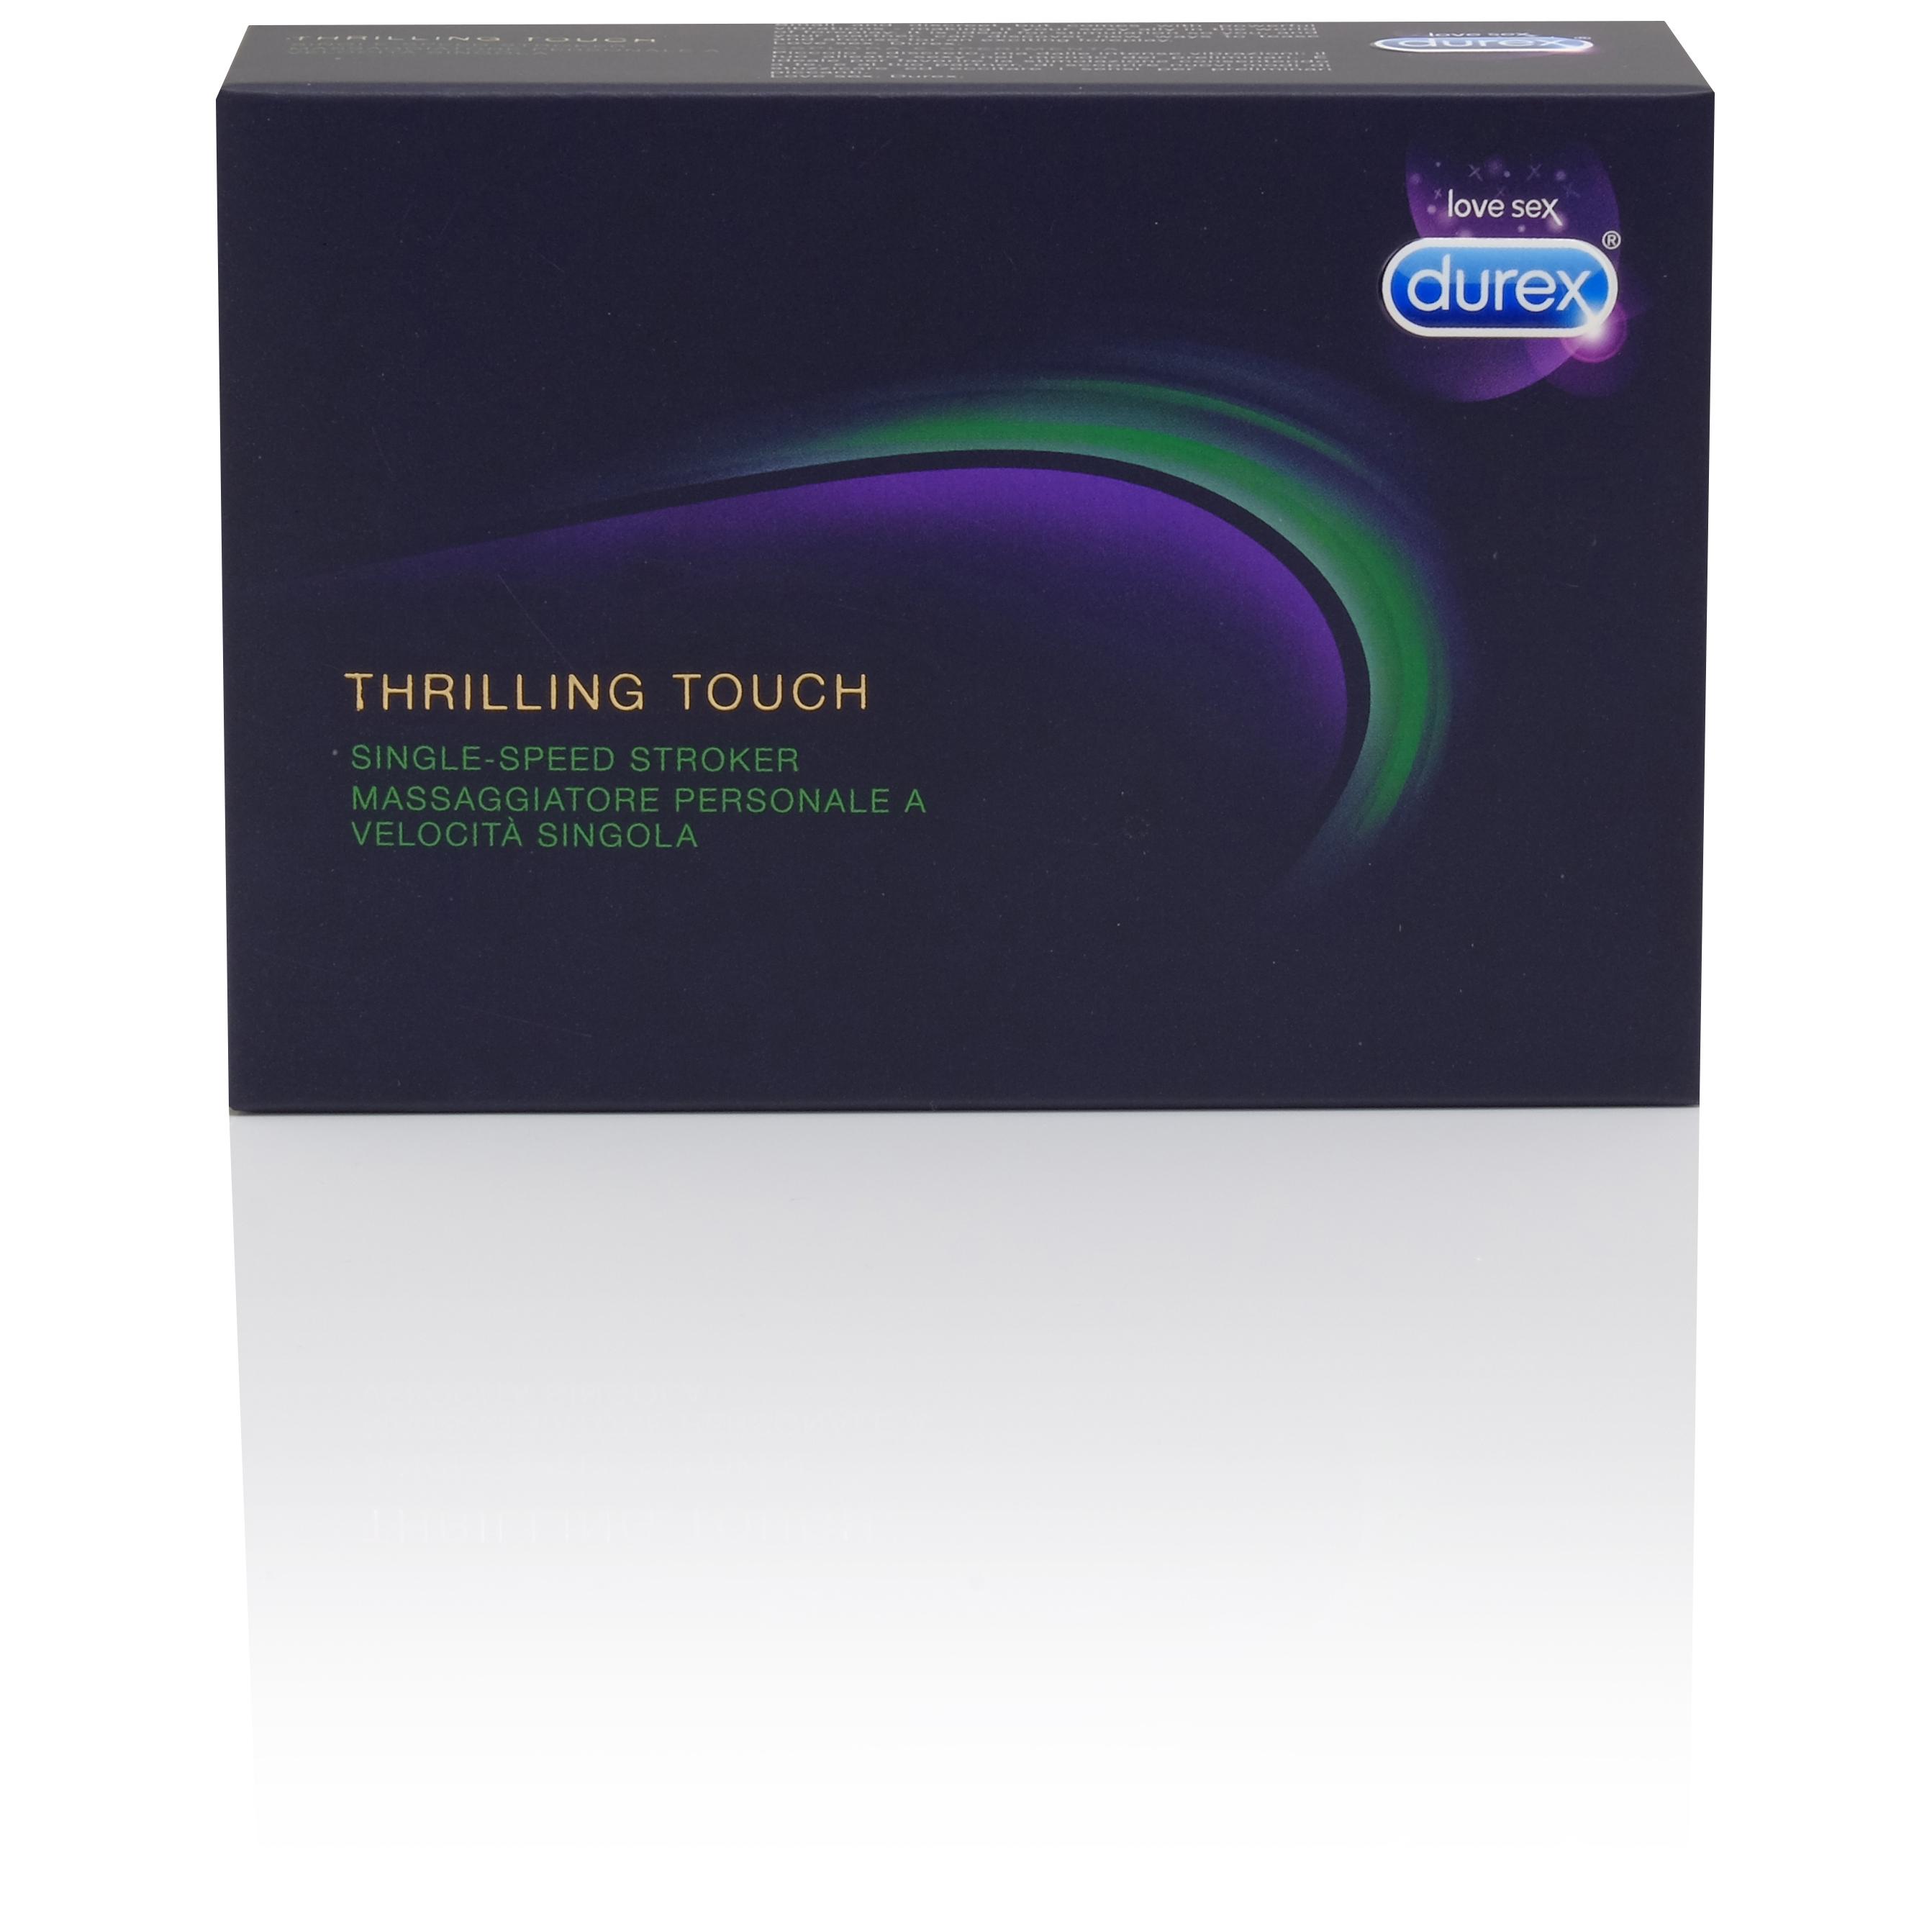 Durex Thrilling Touch Stroker Vibrator